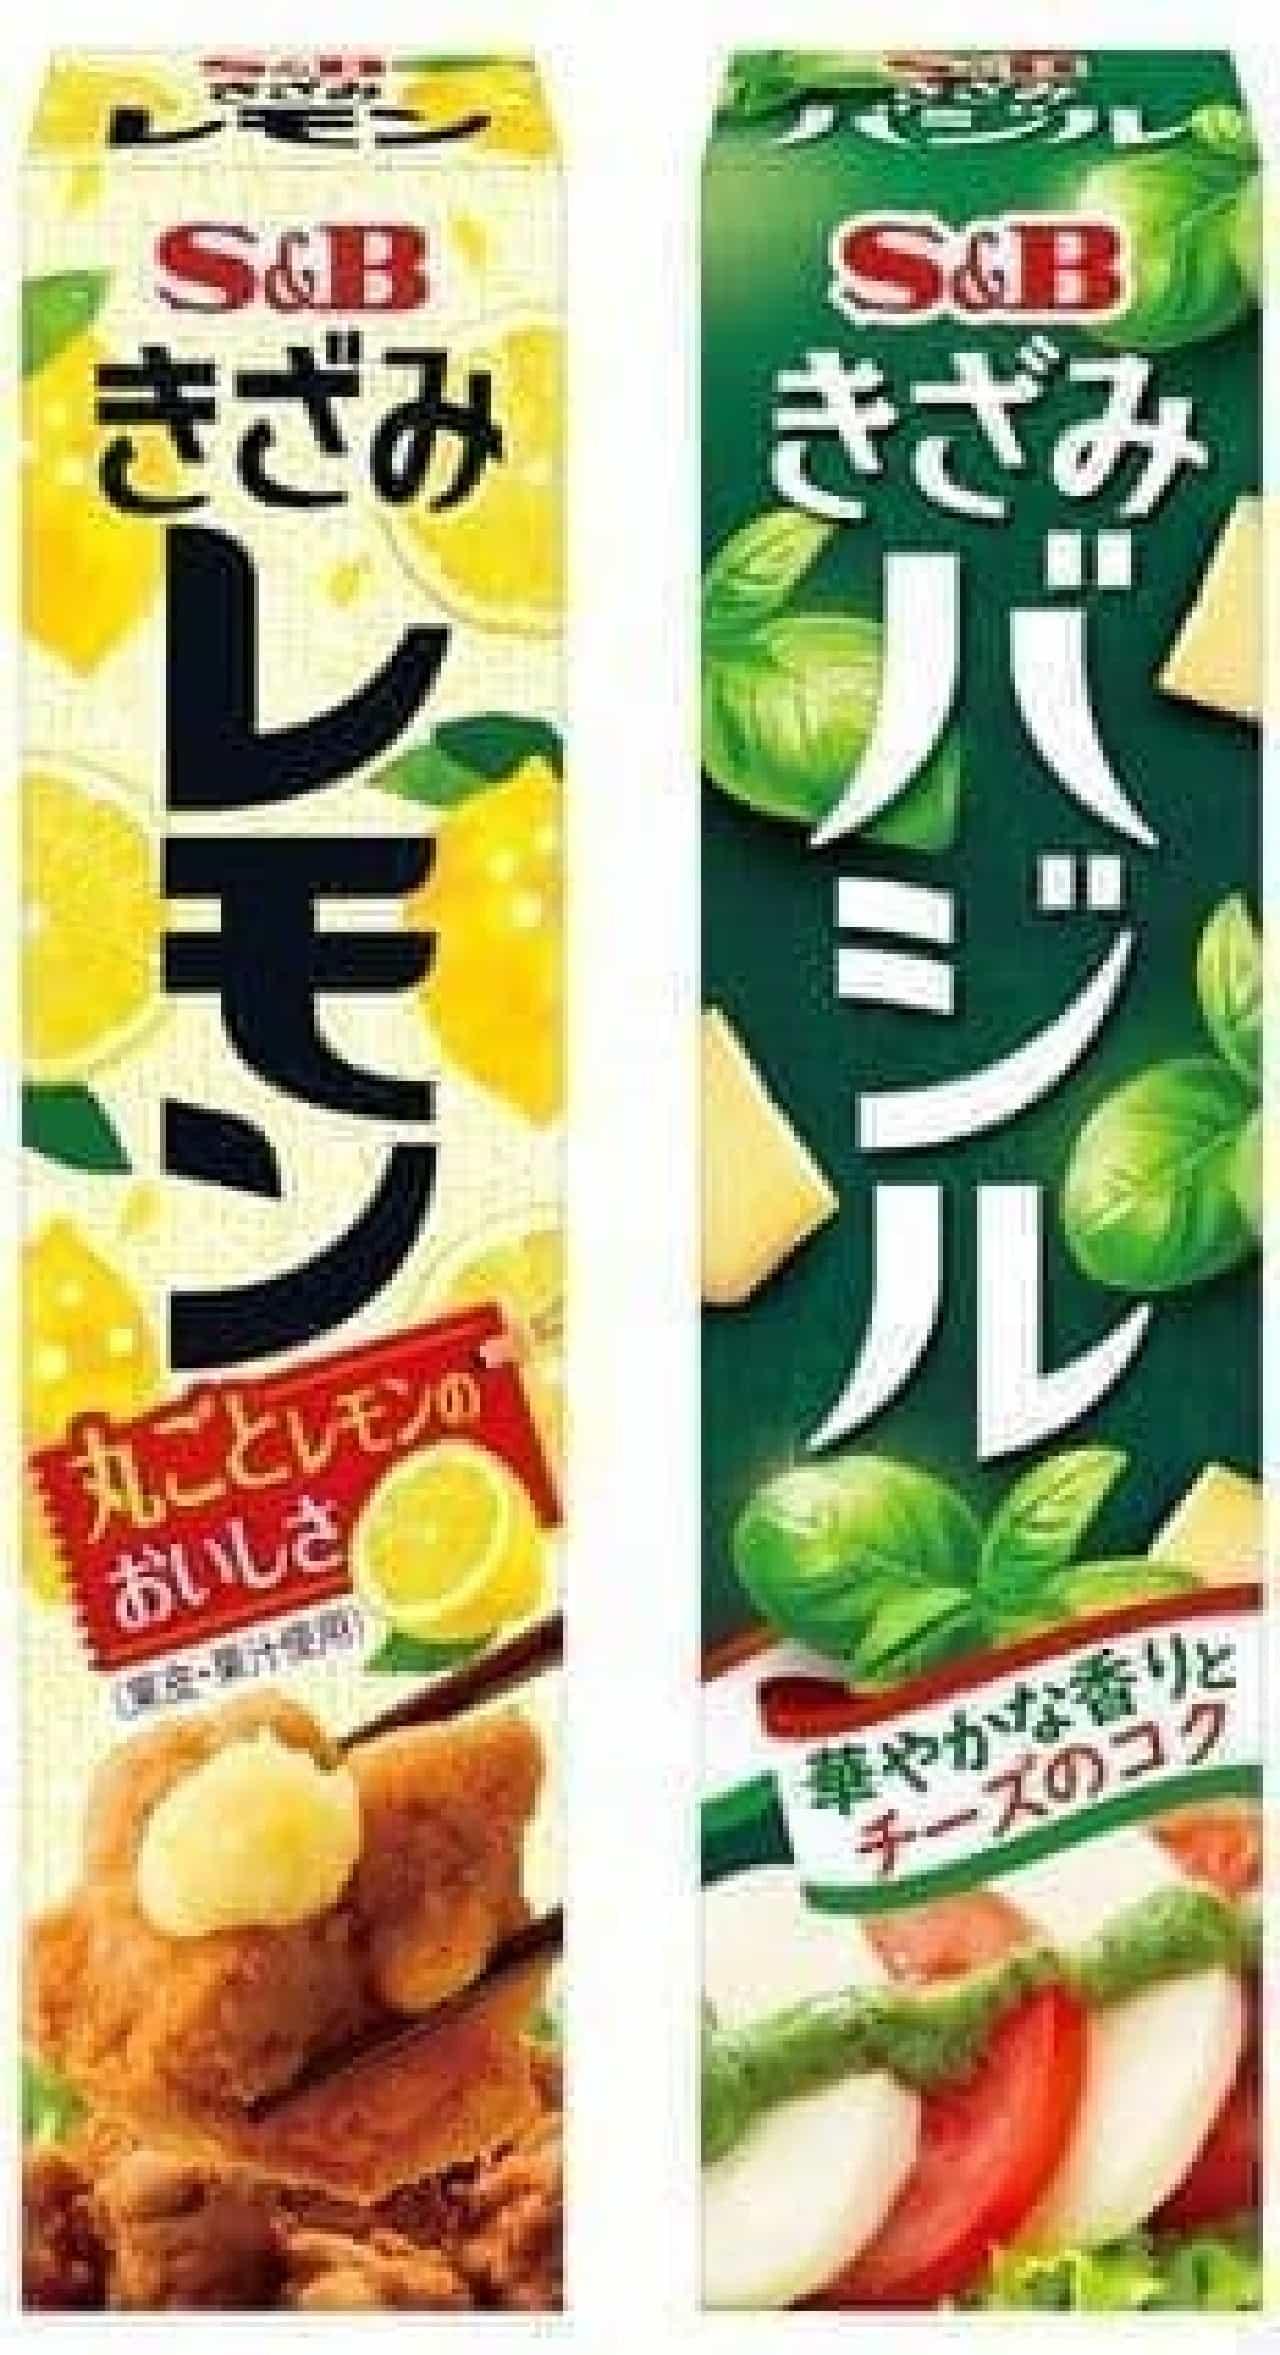 「きざみレモン」と「きざみバジル」